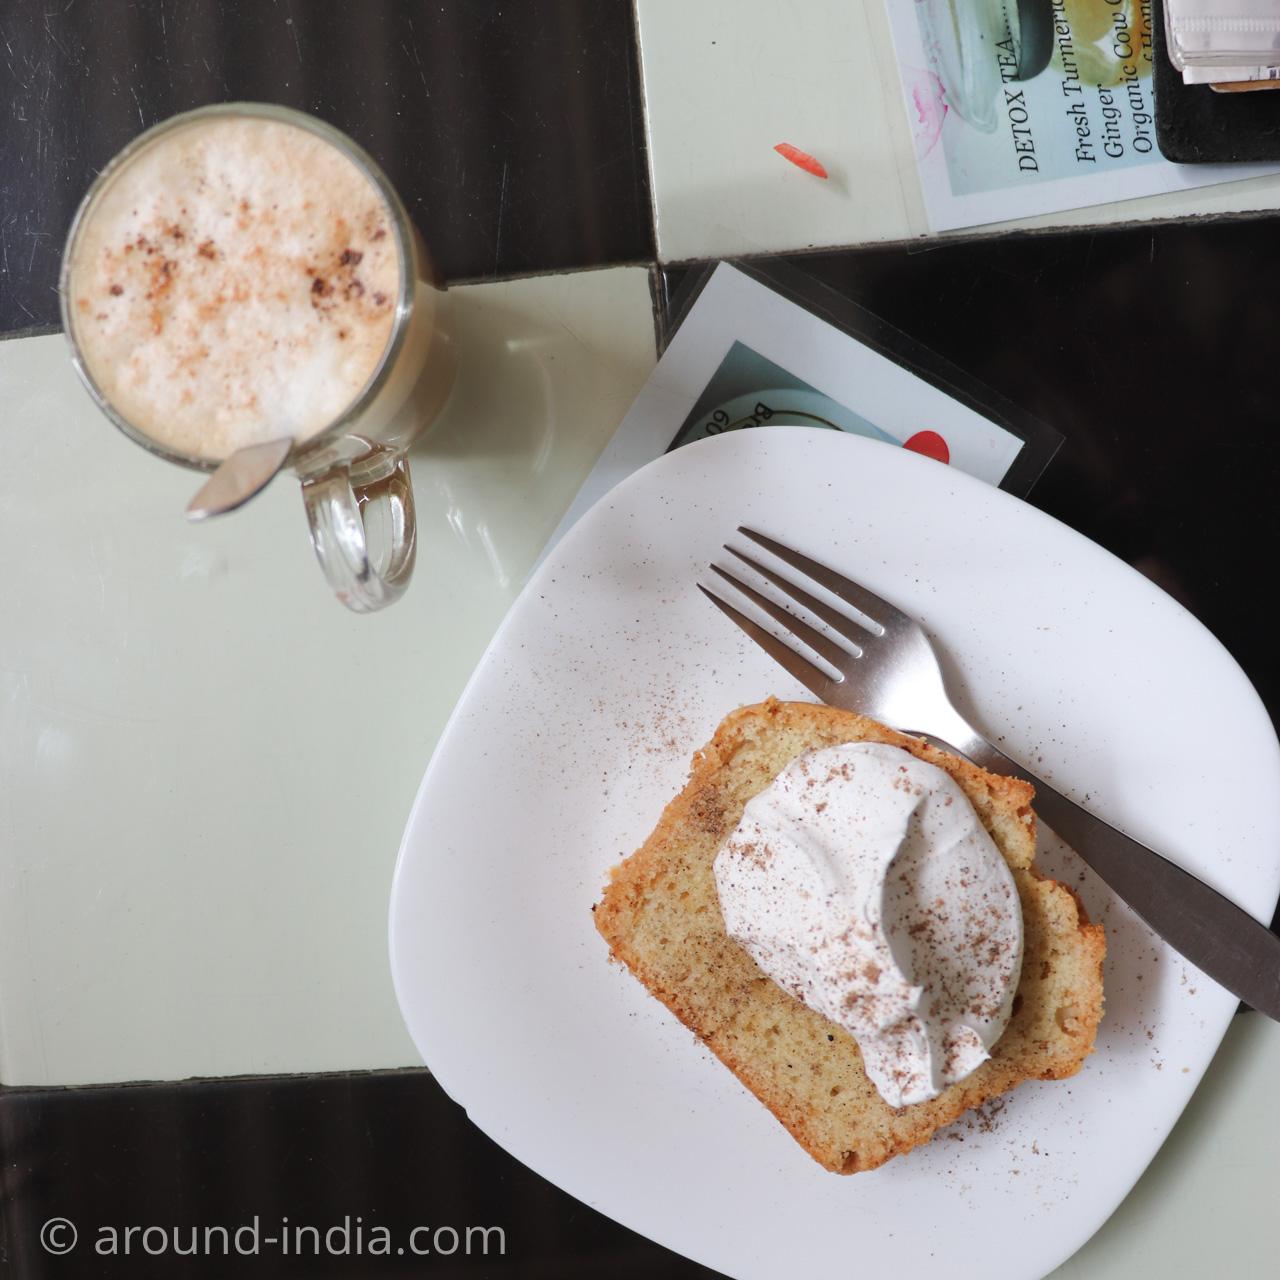 バラナシ・アッシーガートのオームカフェのカルダモンケーキとラテ